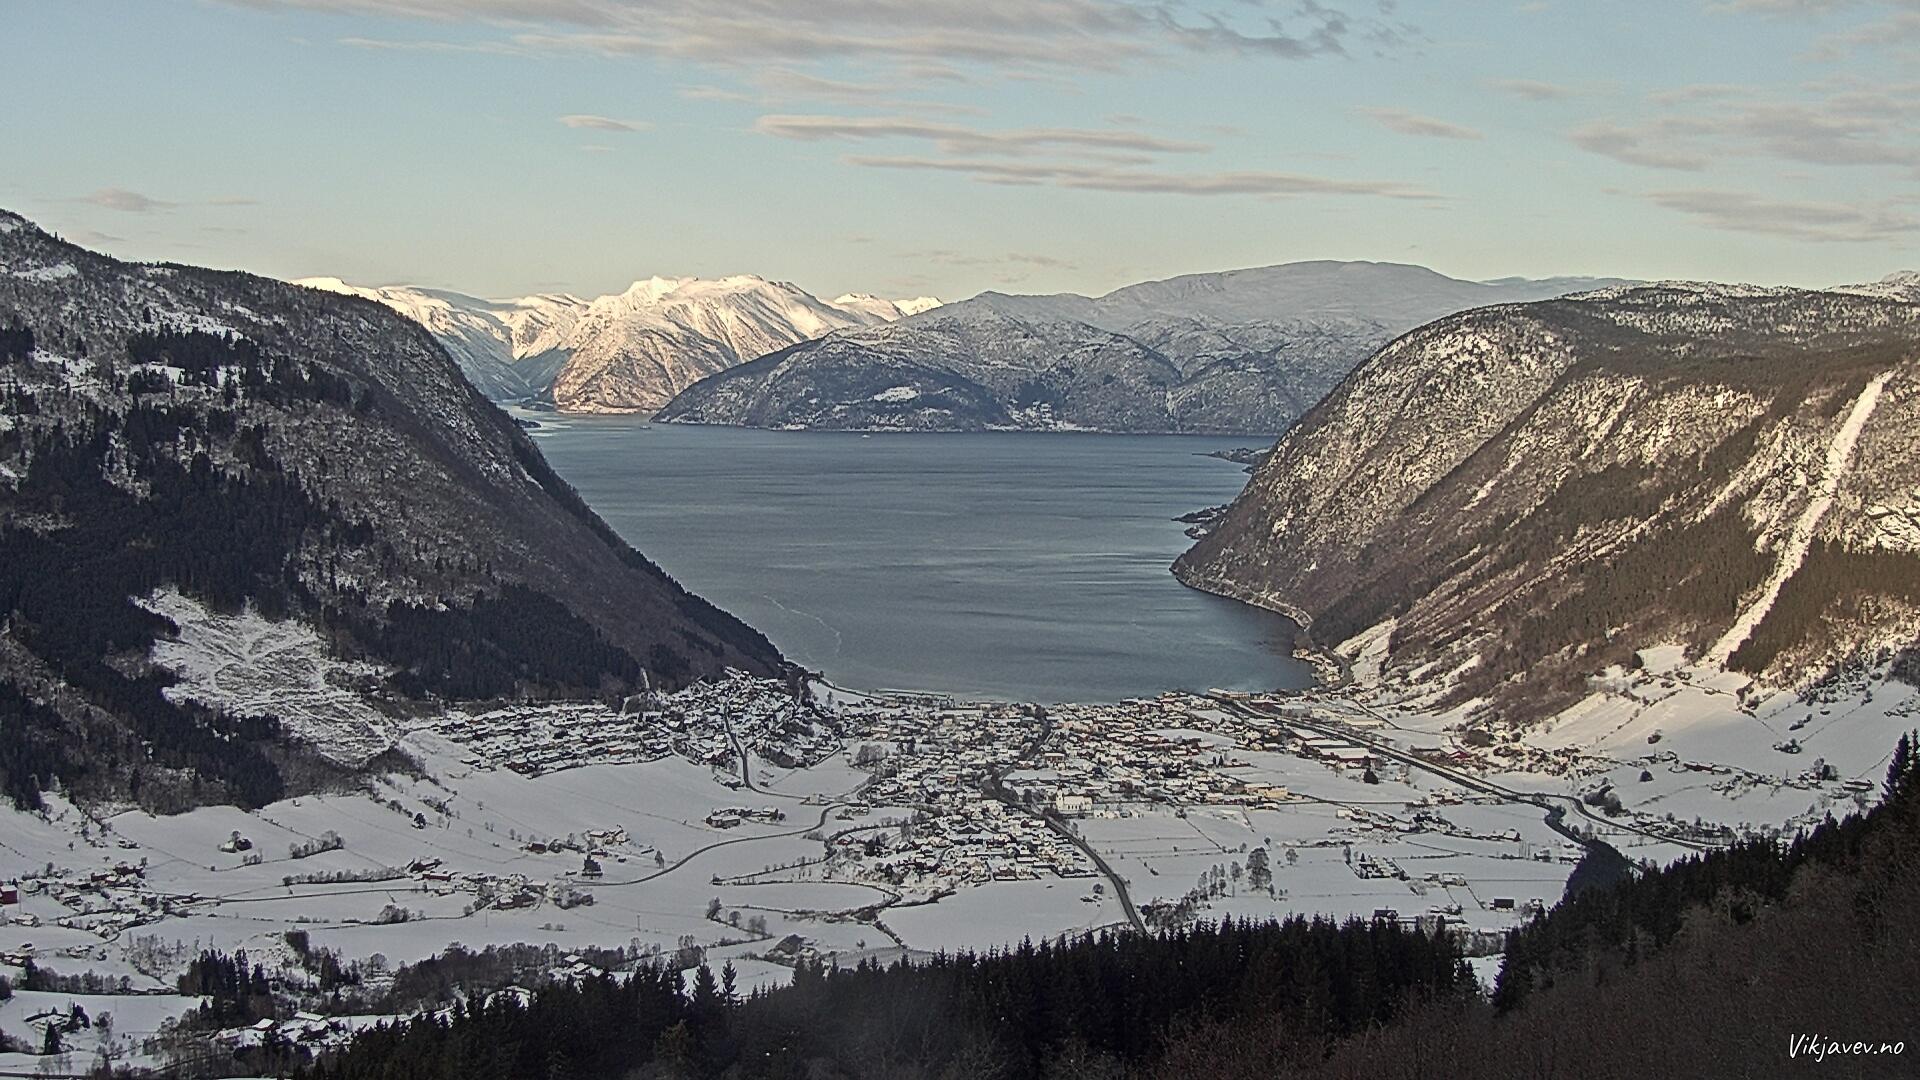 Vik i Sogn February 2, 2019 15:01